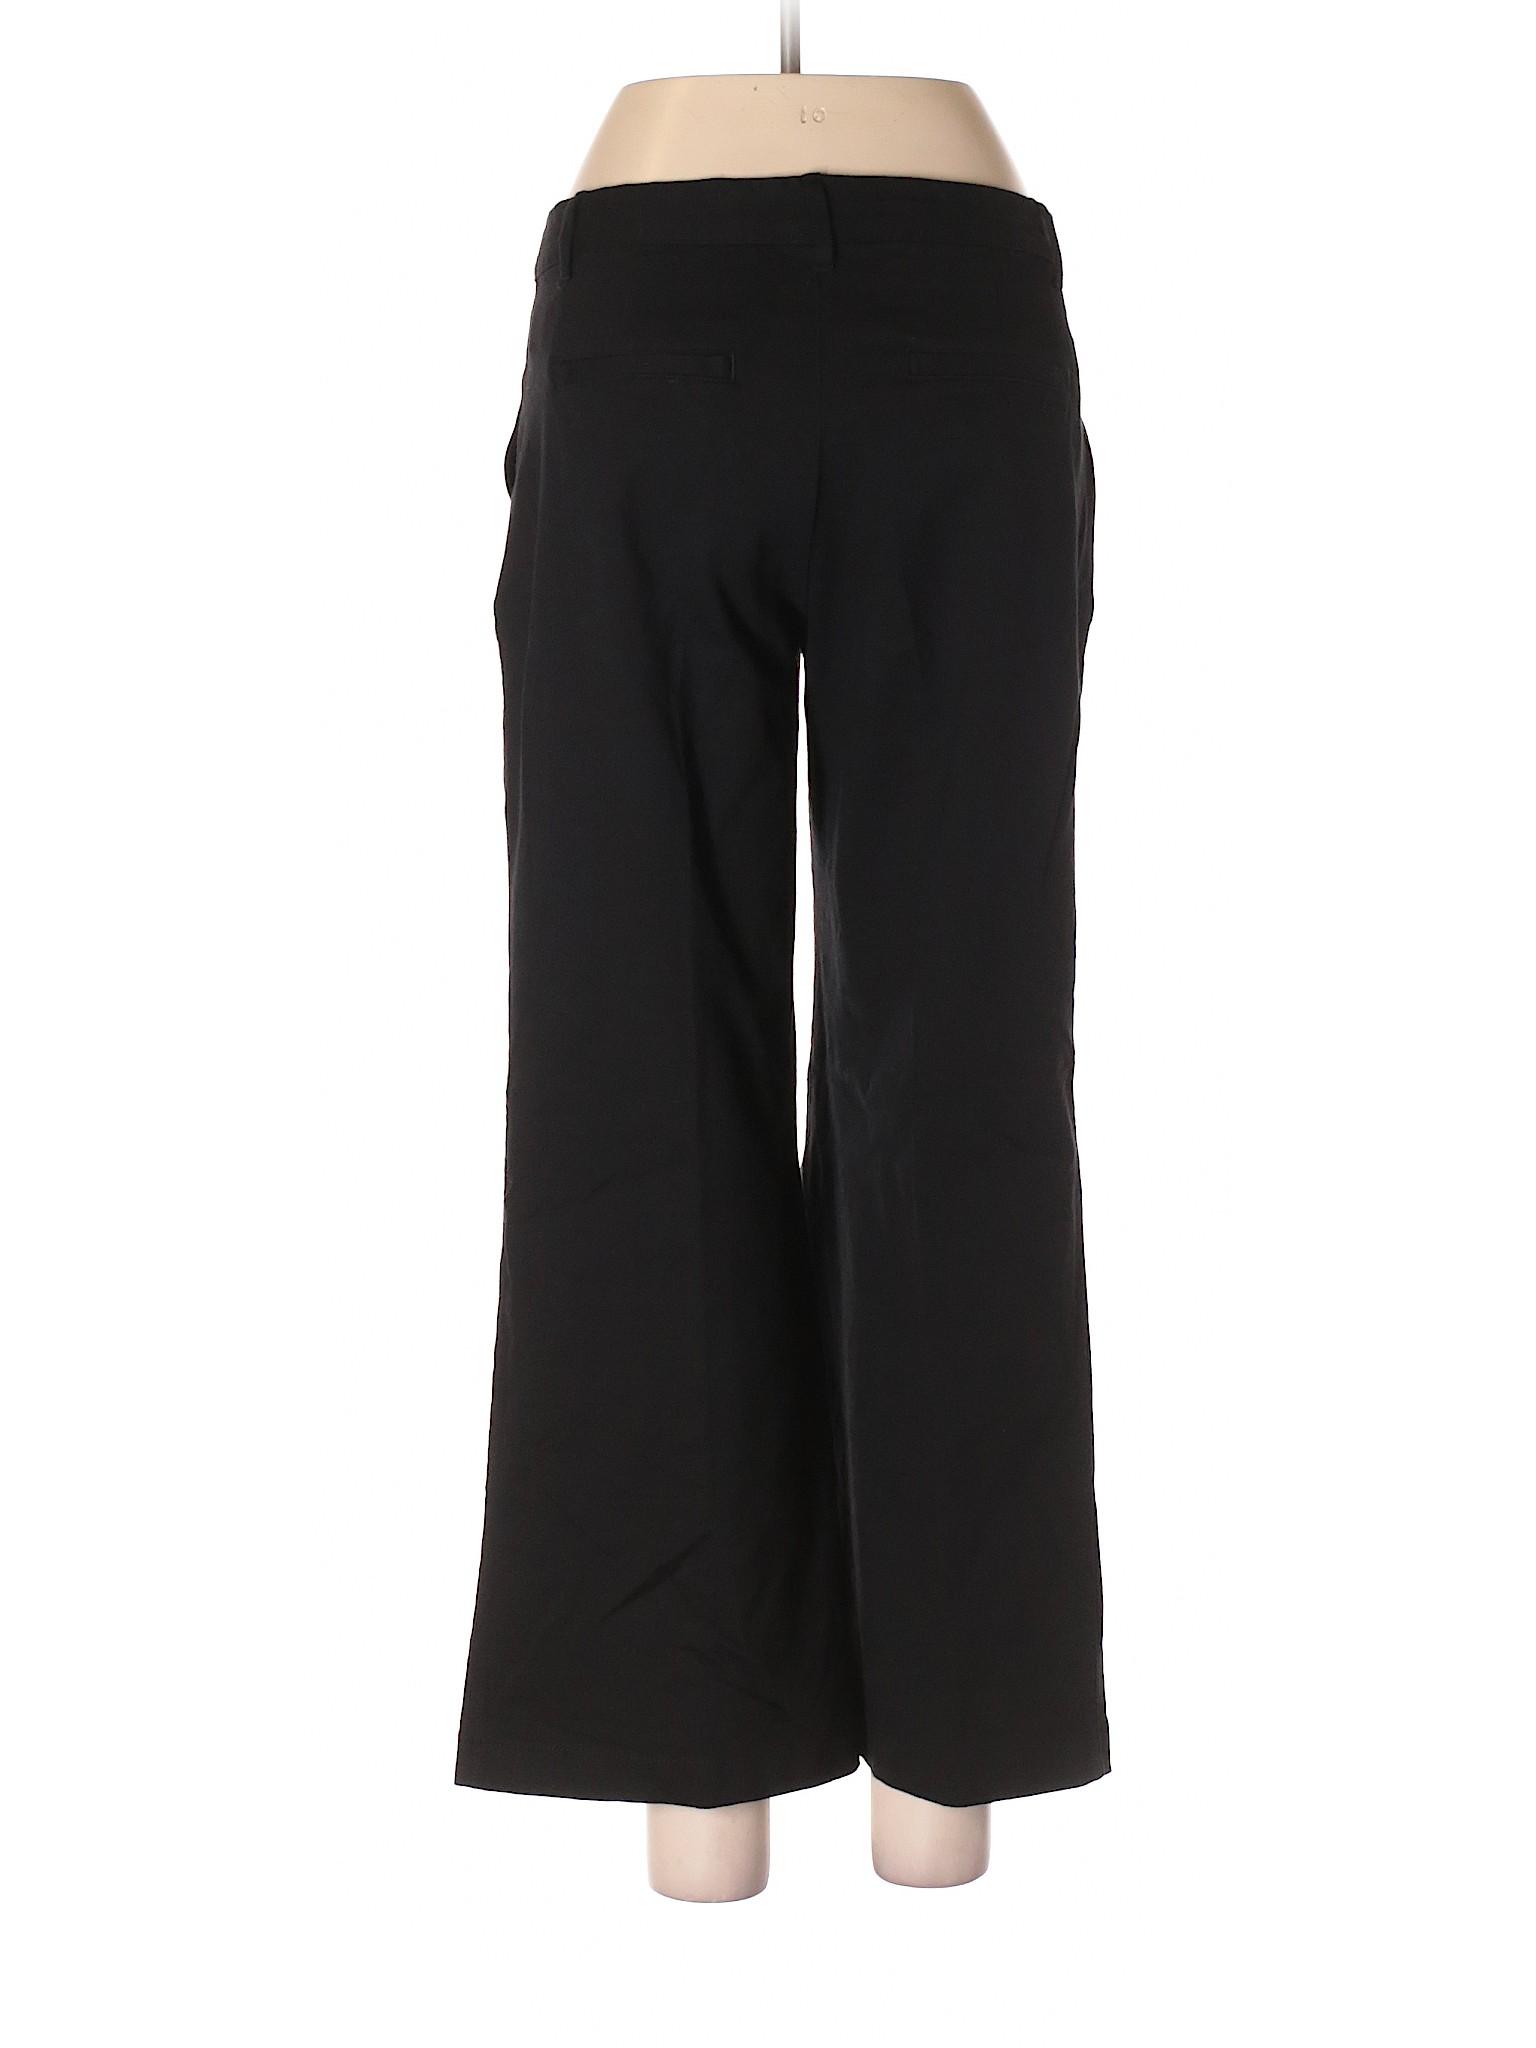 Boutique Pants Gap Boutique Gap Casual pqzdv66w